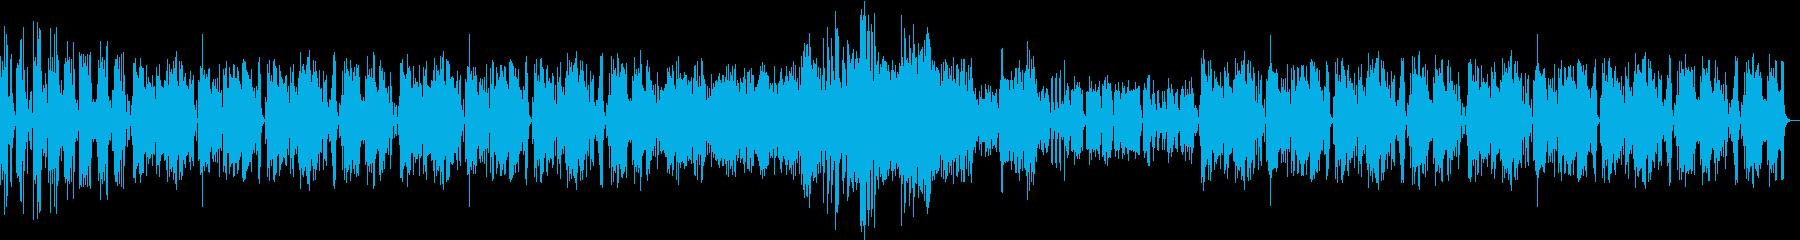 ガーシュインのサマータイムをフルートで!の再生済みの波形